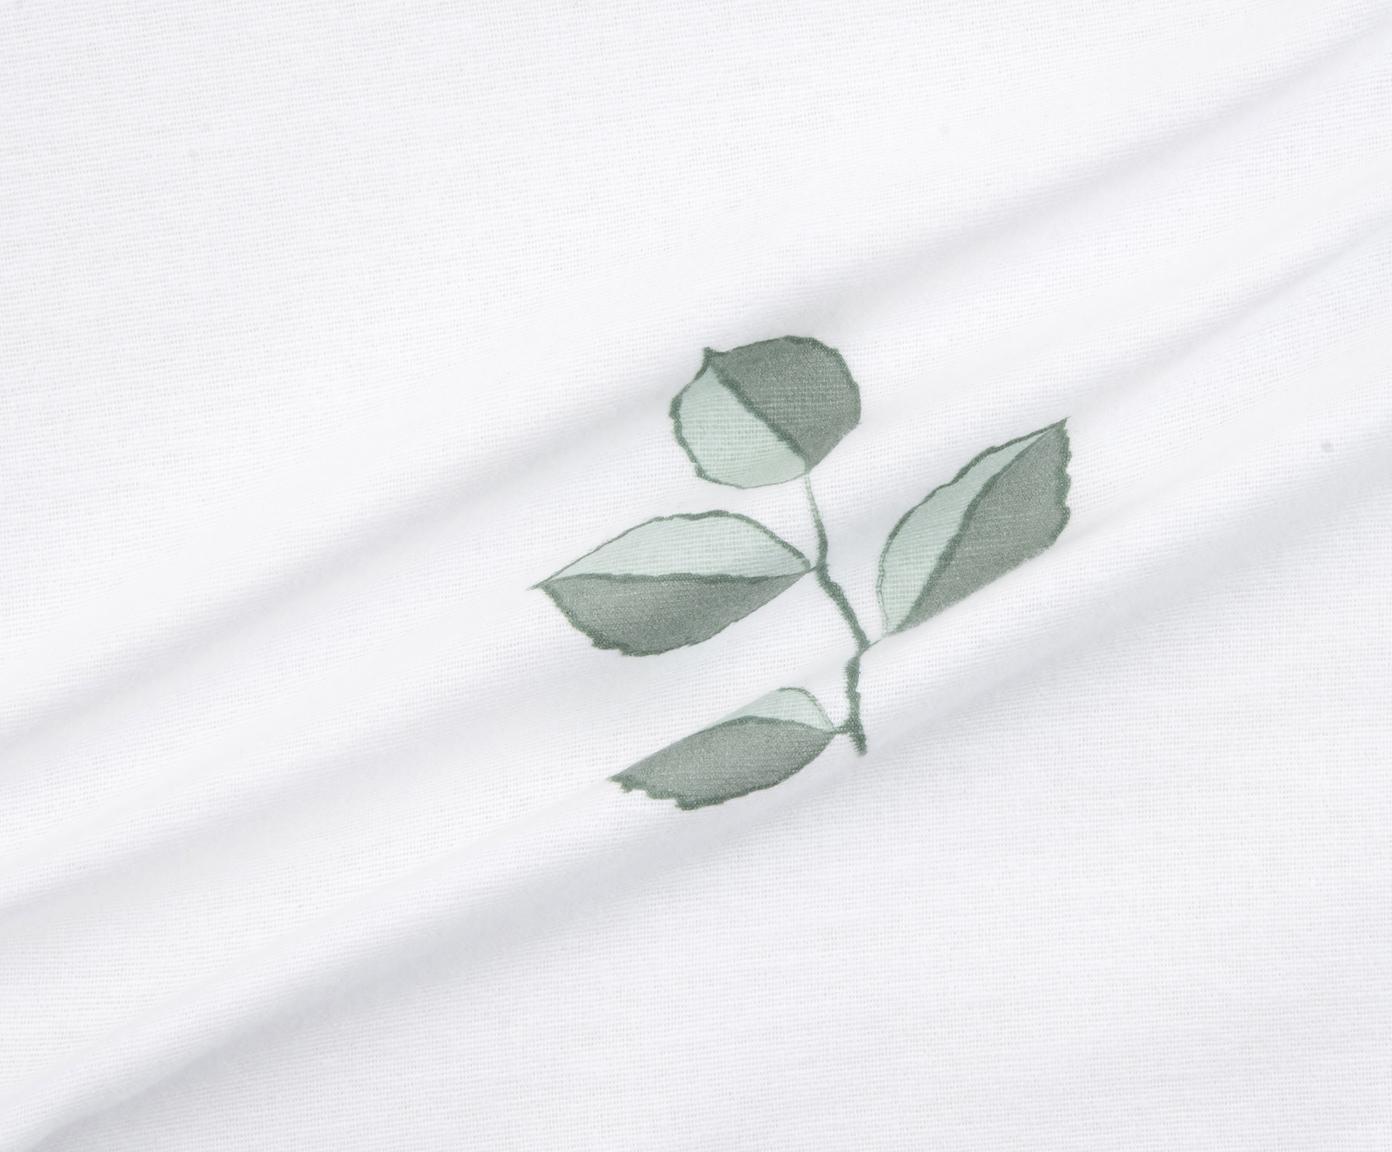 Pościel z flaneli Fraser, Szałwiowy zielony, biały, 135 x 200 cm